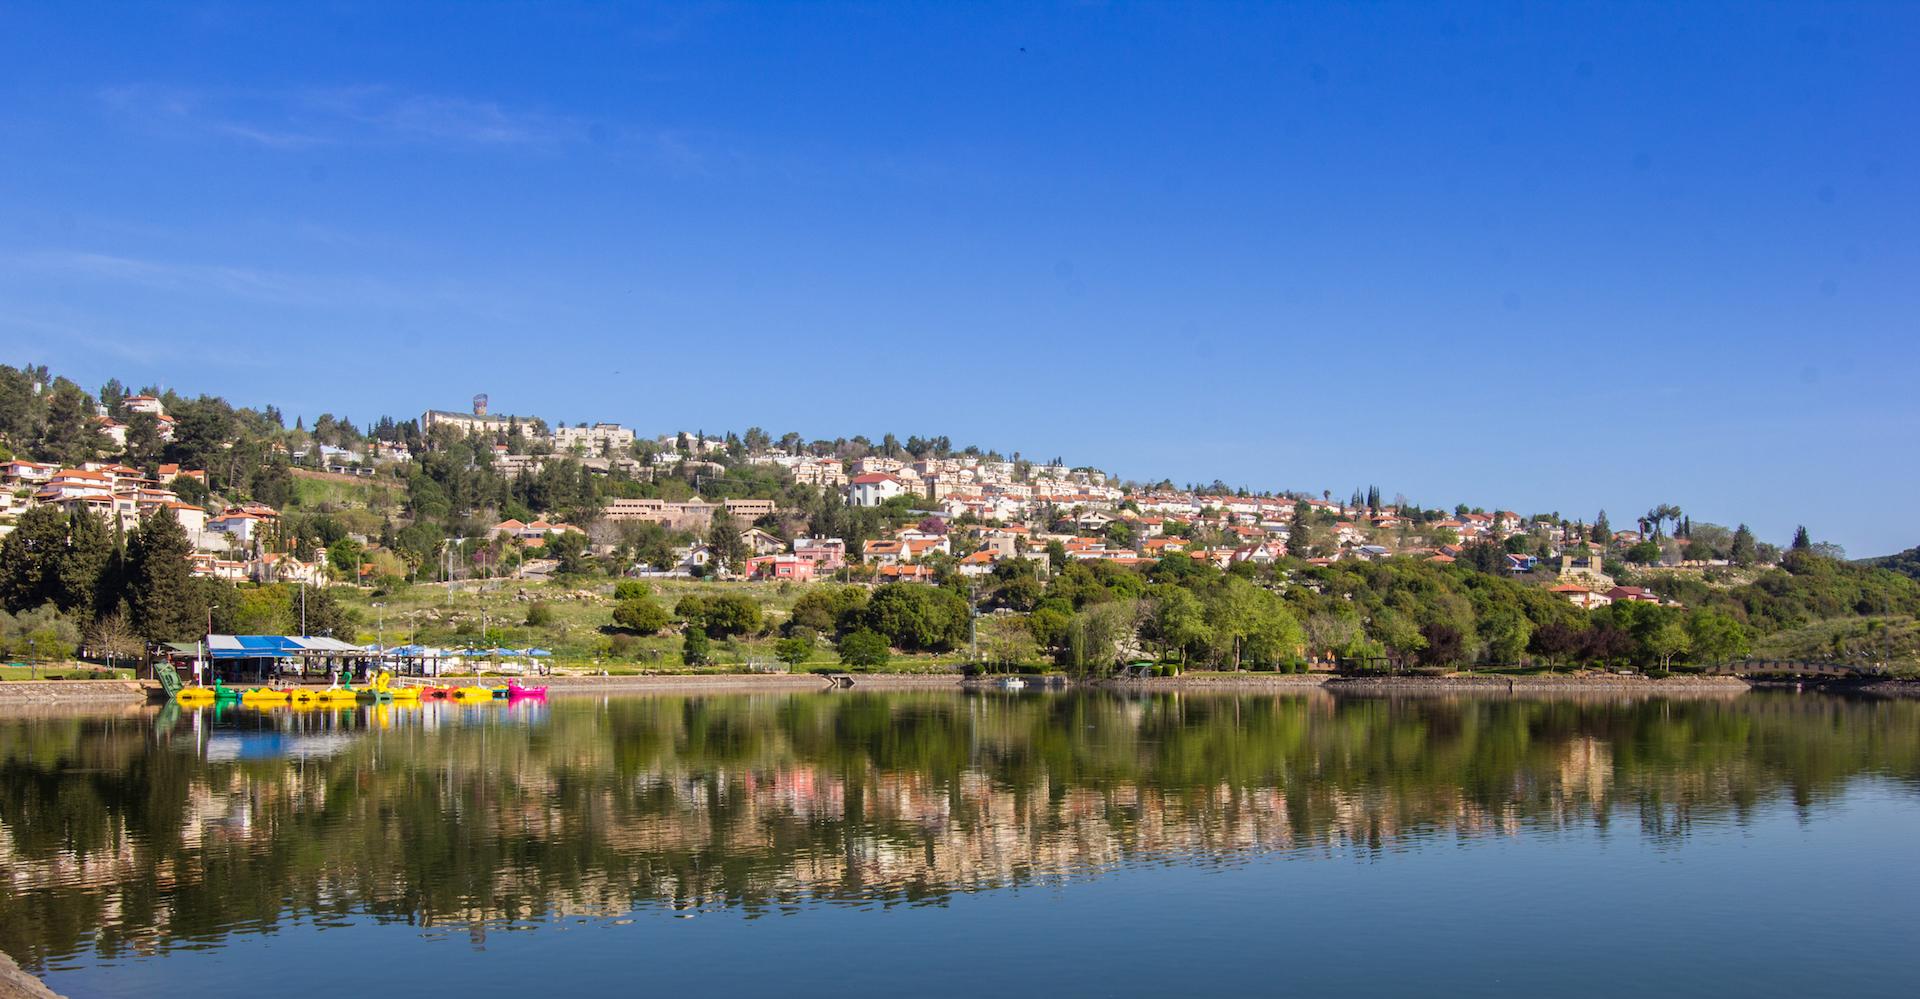 אגם מונפורט (צילום: ניסן חנניה)